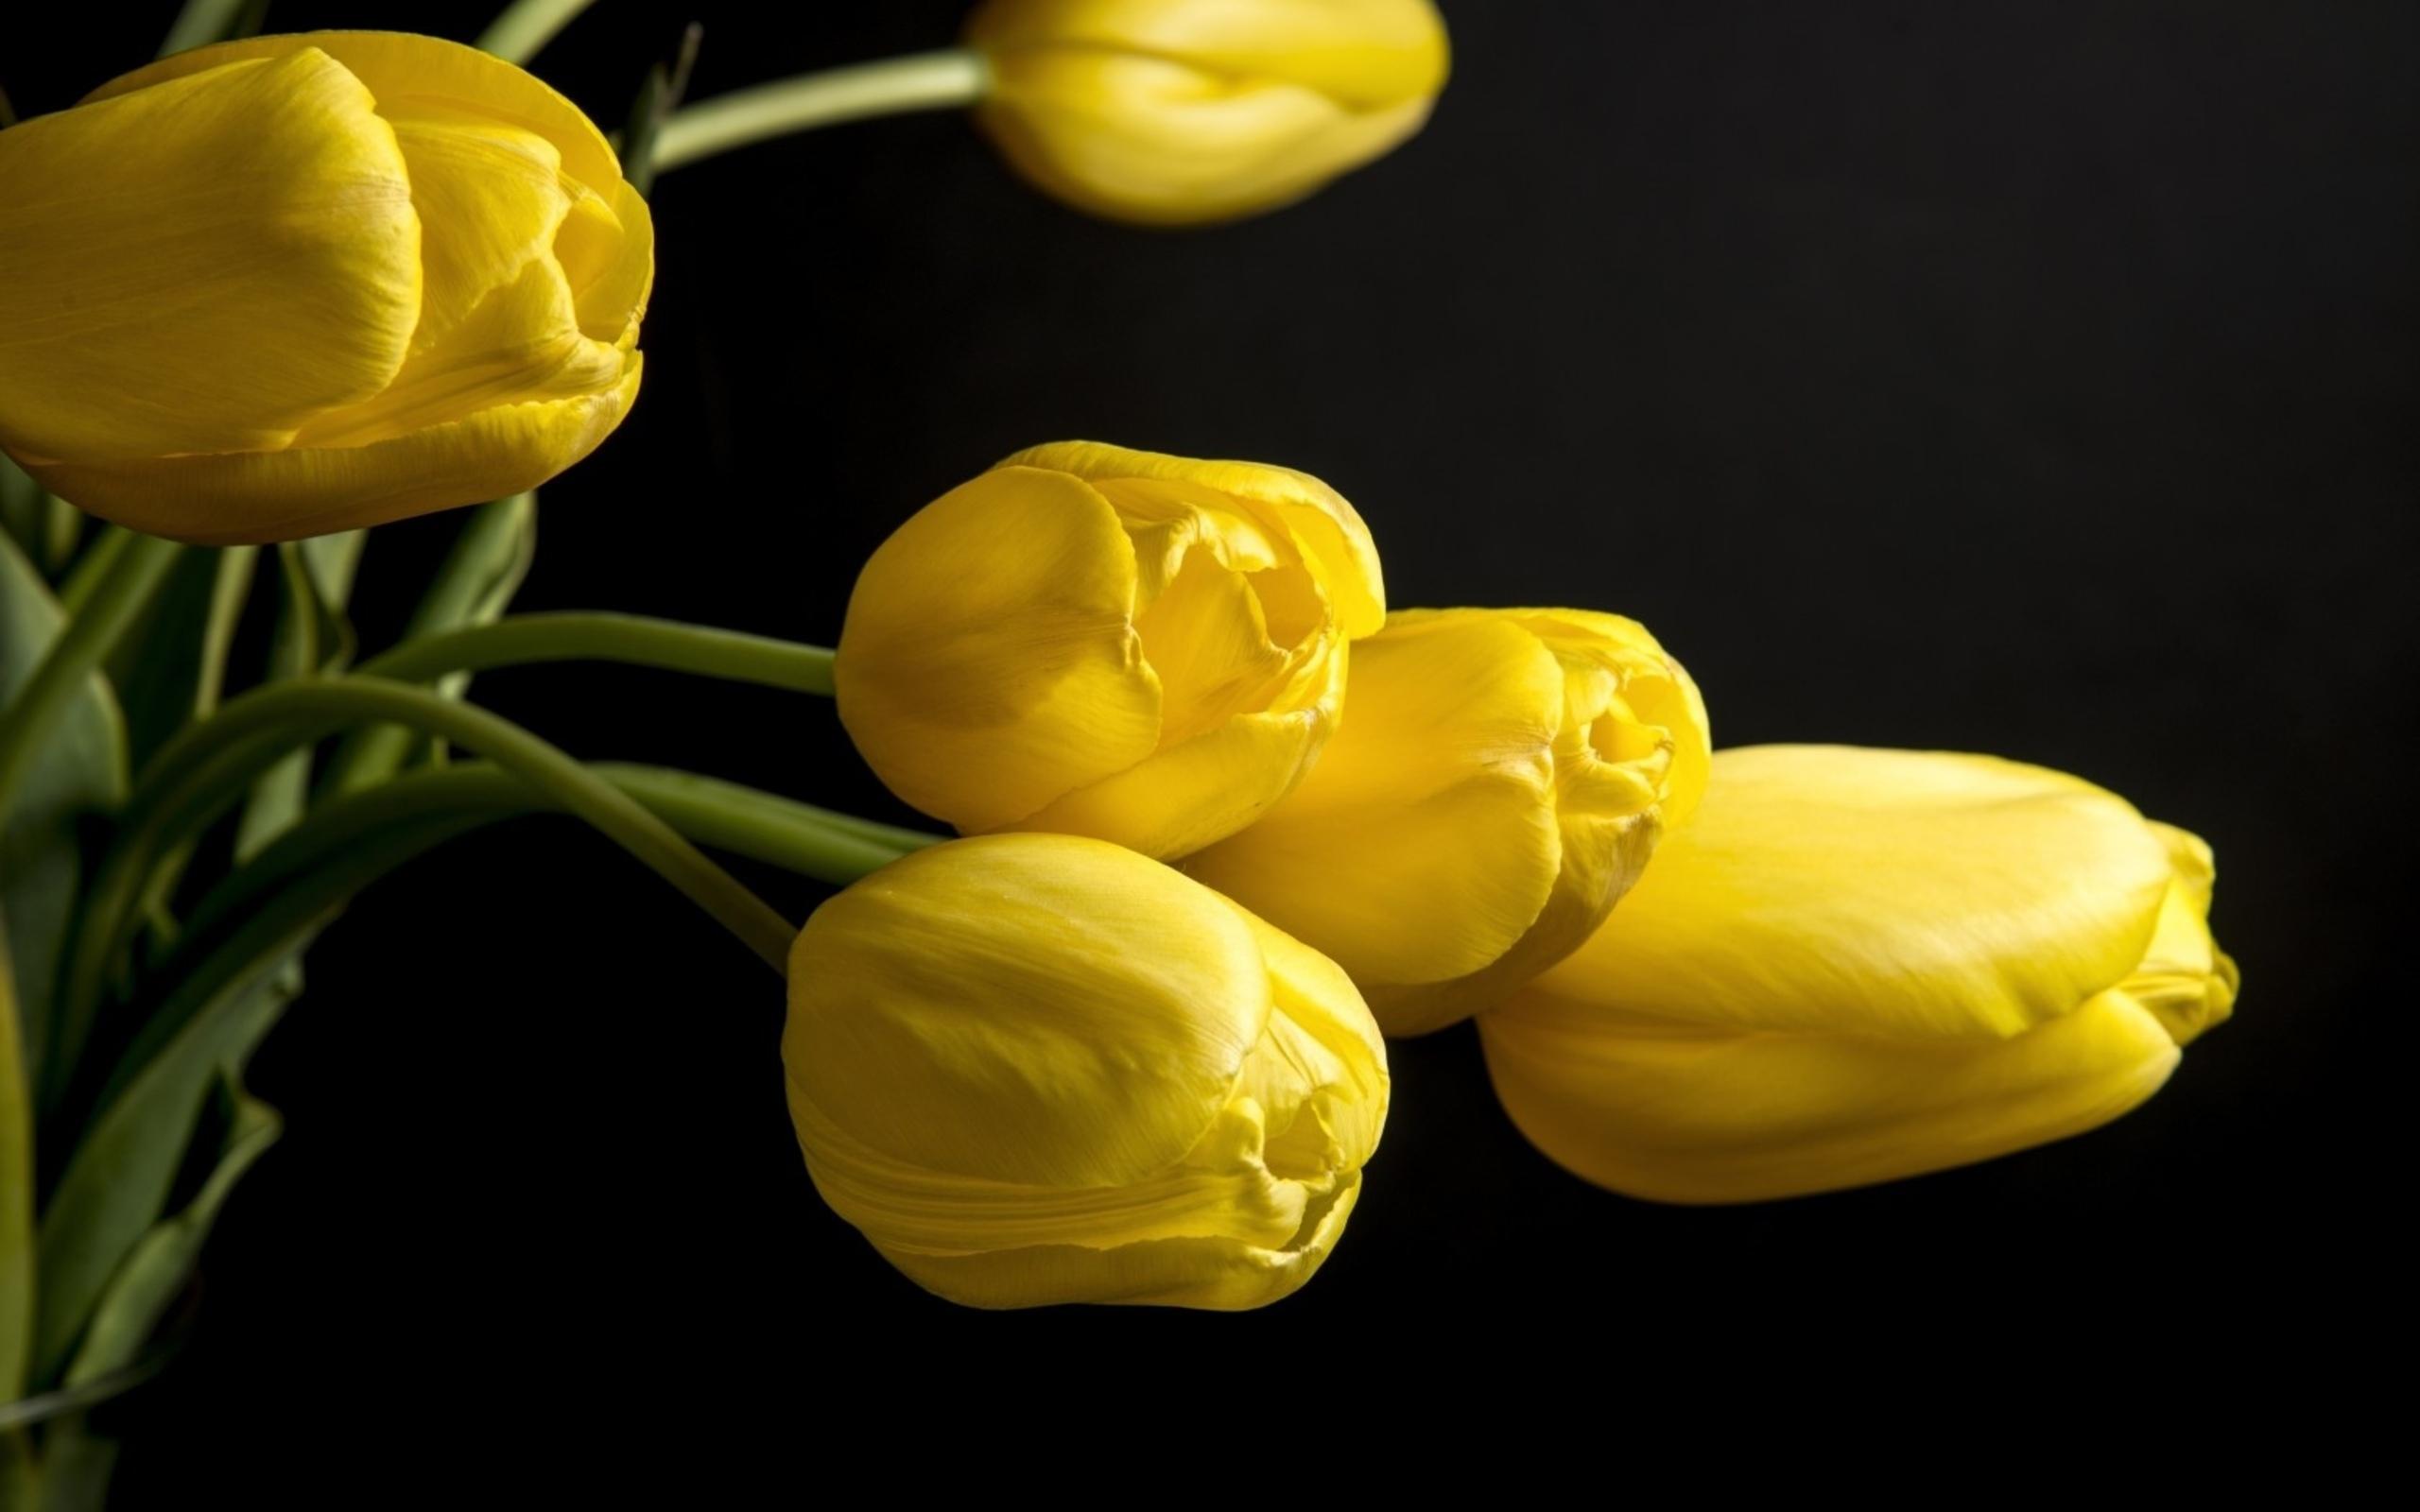 Картинки желтый цветок на темном фоне